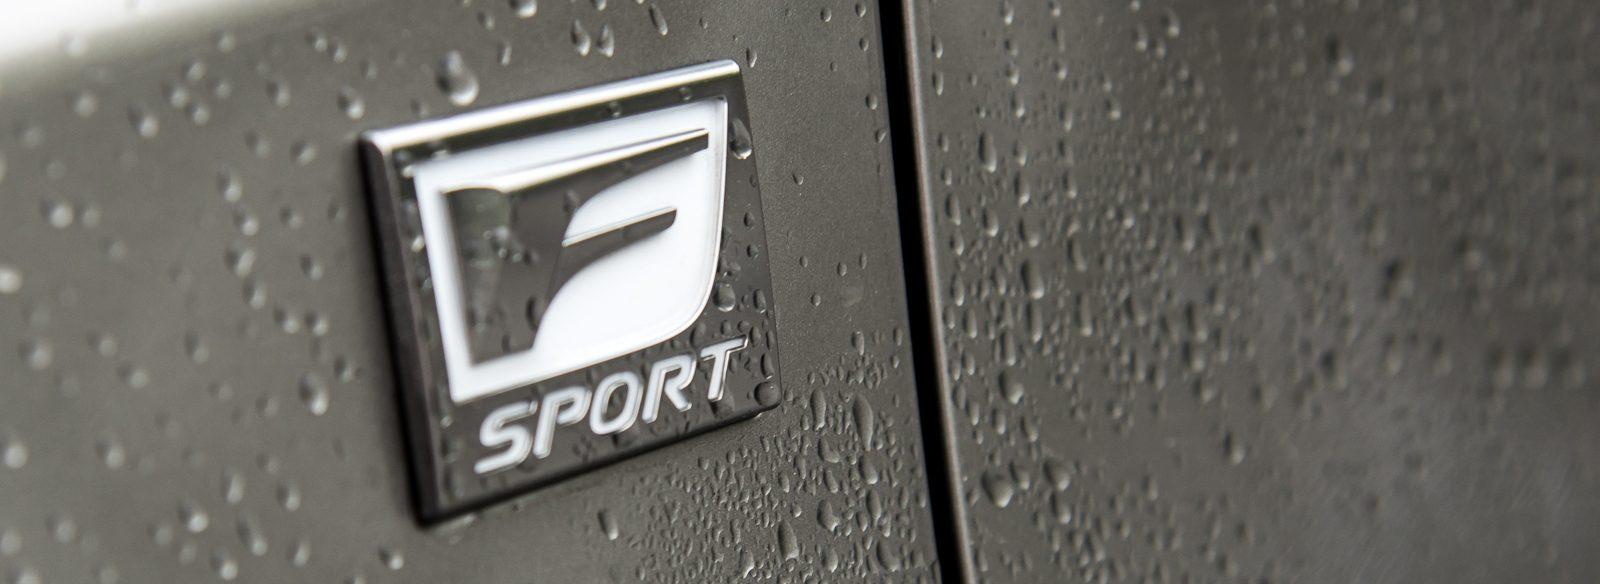 nowy-lexus-rx450h-fsport-logo